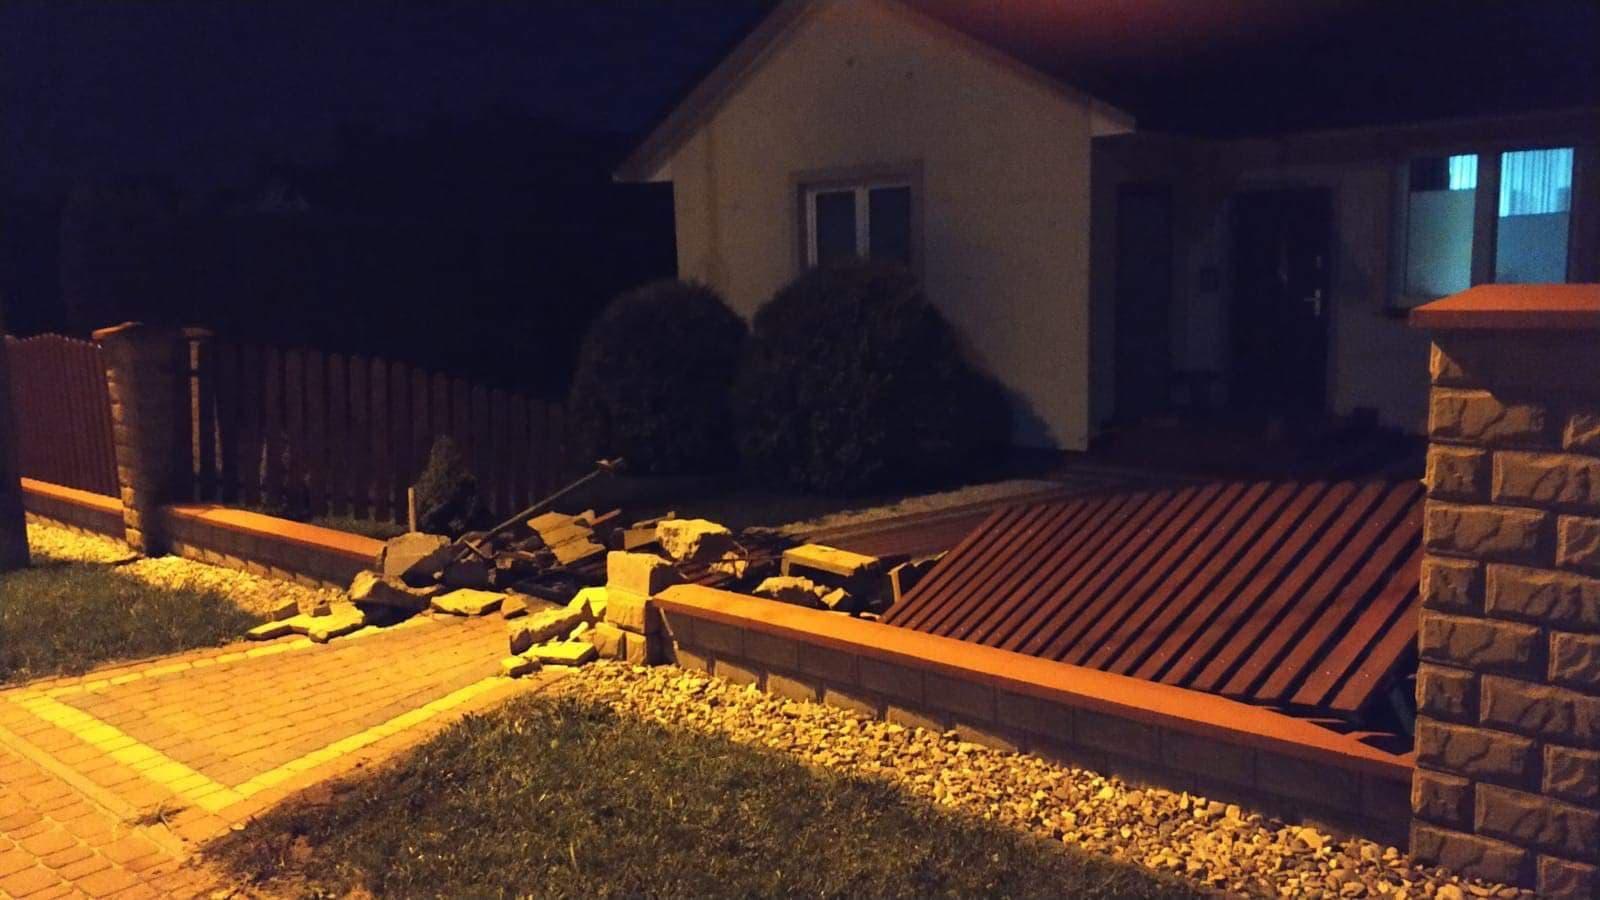 Policyjny pościg w gminie Połaniec. Kierowca uderzył w ogrodzenie posesji, był pijany! - Zdjęcie główne